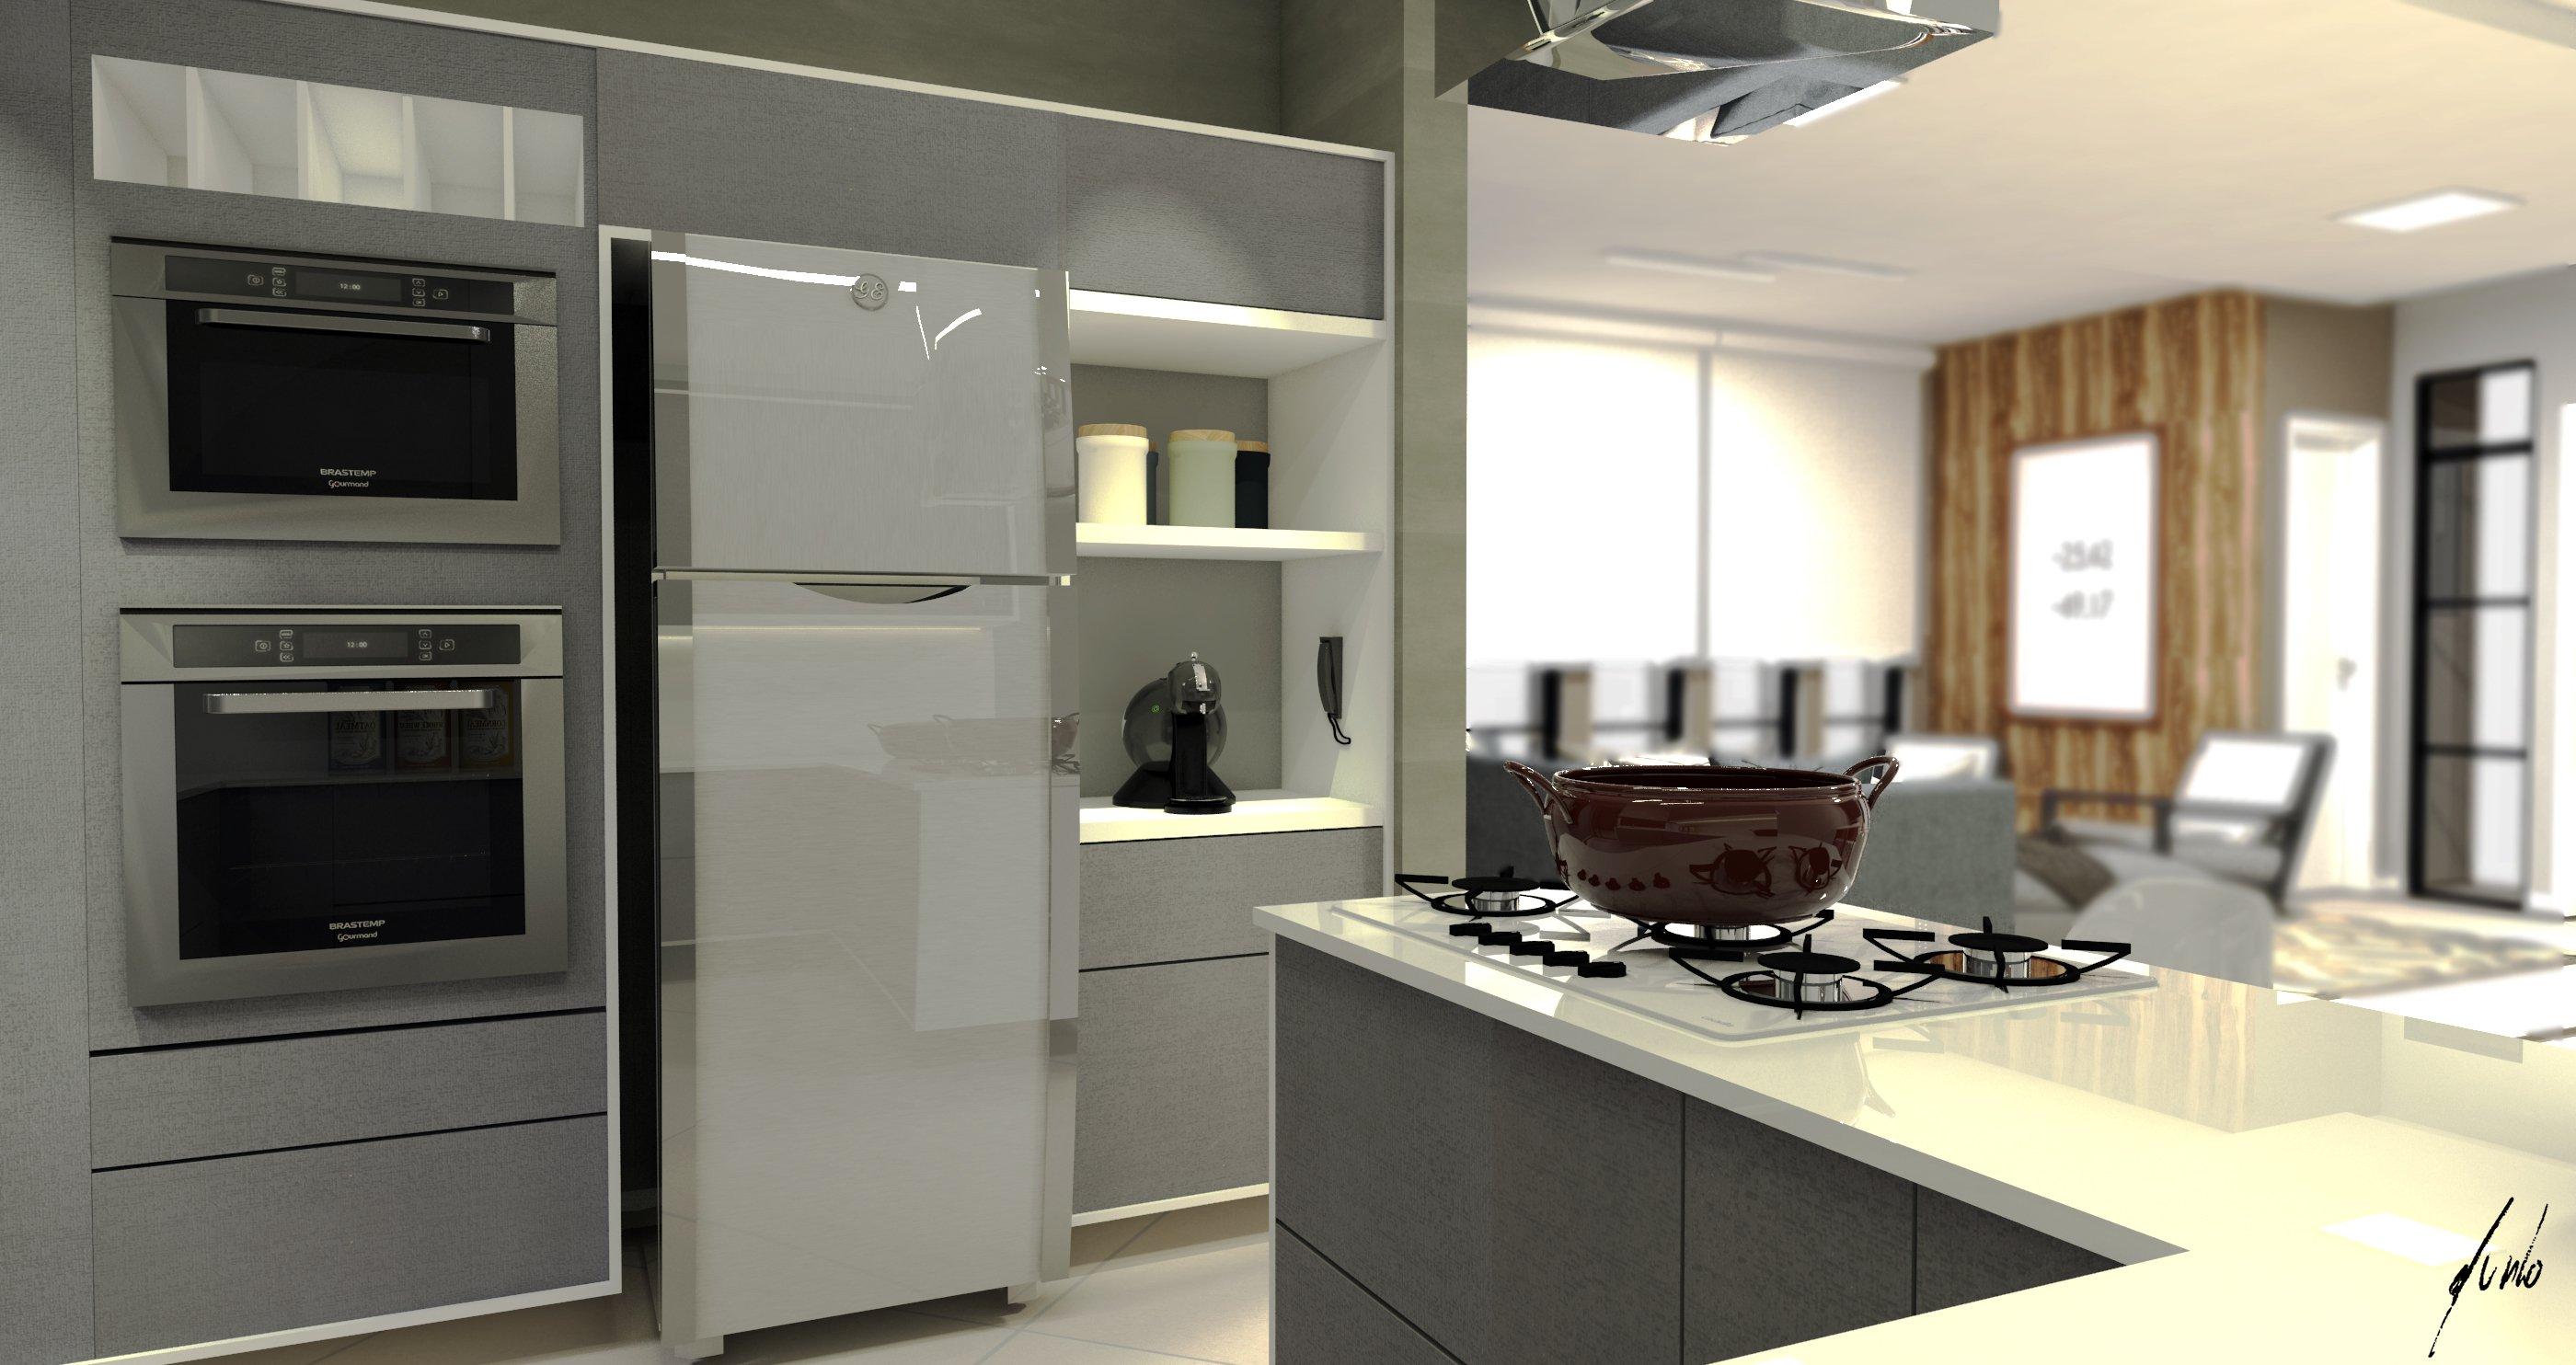 Modelo De Cozinha Clean Desenvolvido Por Est Dio Murilo Zadulski